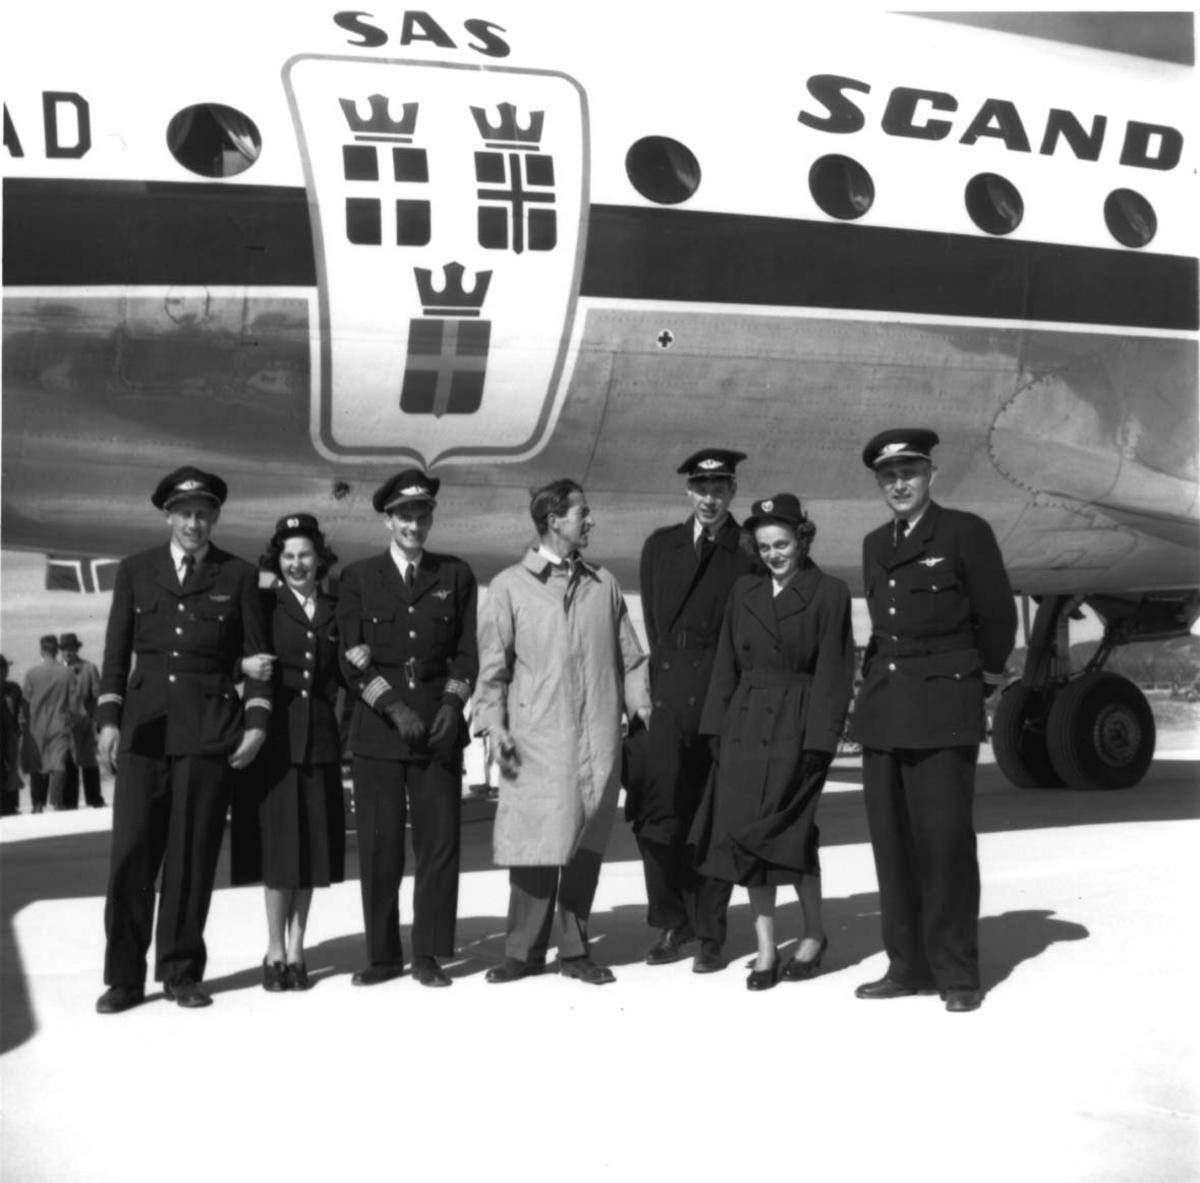 """Lufthavn, flere personer oppstilt foran ett fly, DC-4 Skymaster LN-IAD fra SAS. Flypersonell i uniformer og en person i """"vanlige"""" klær."""